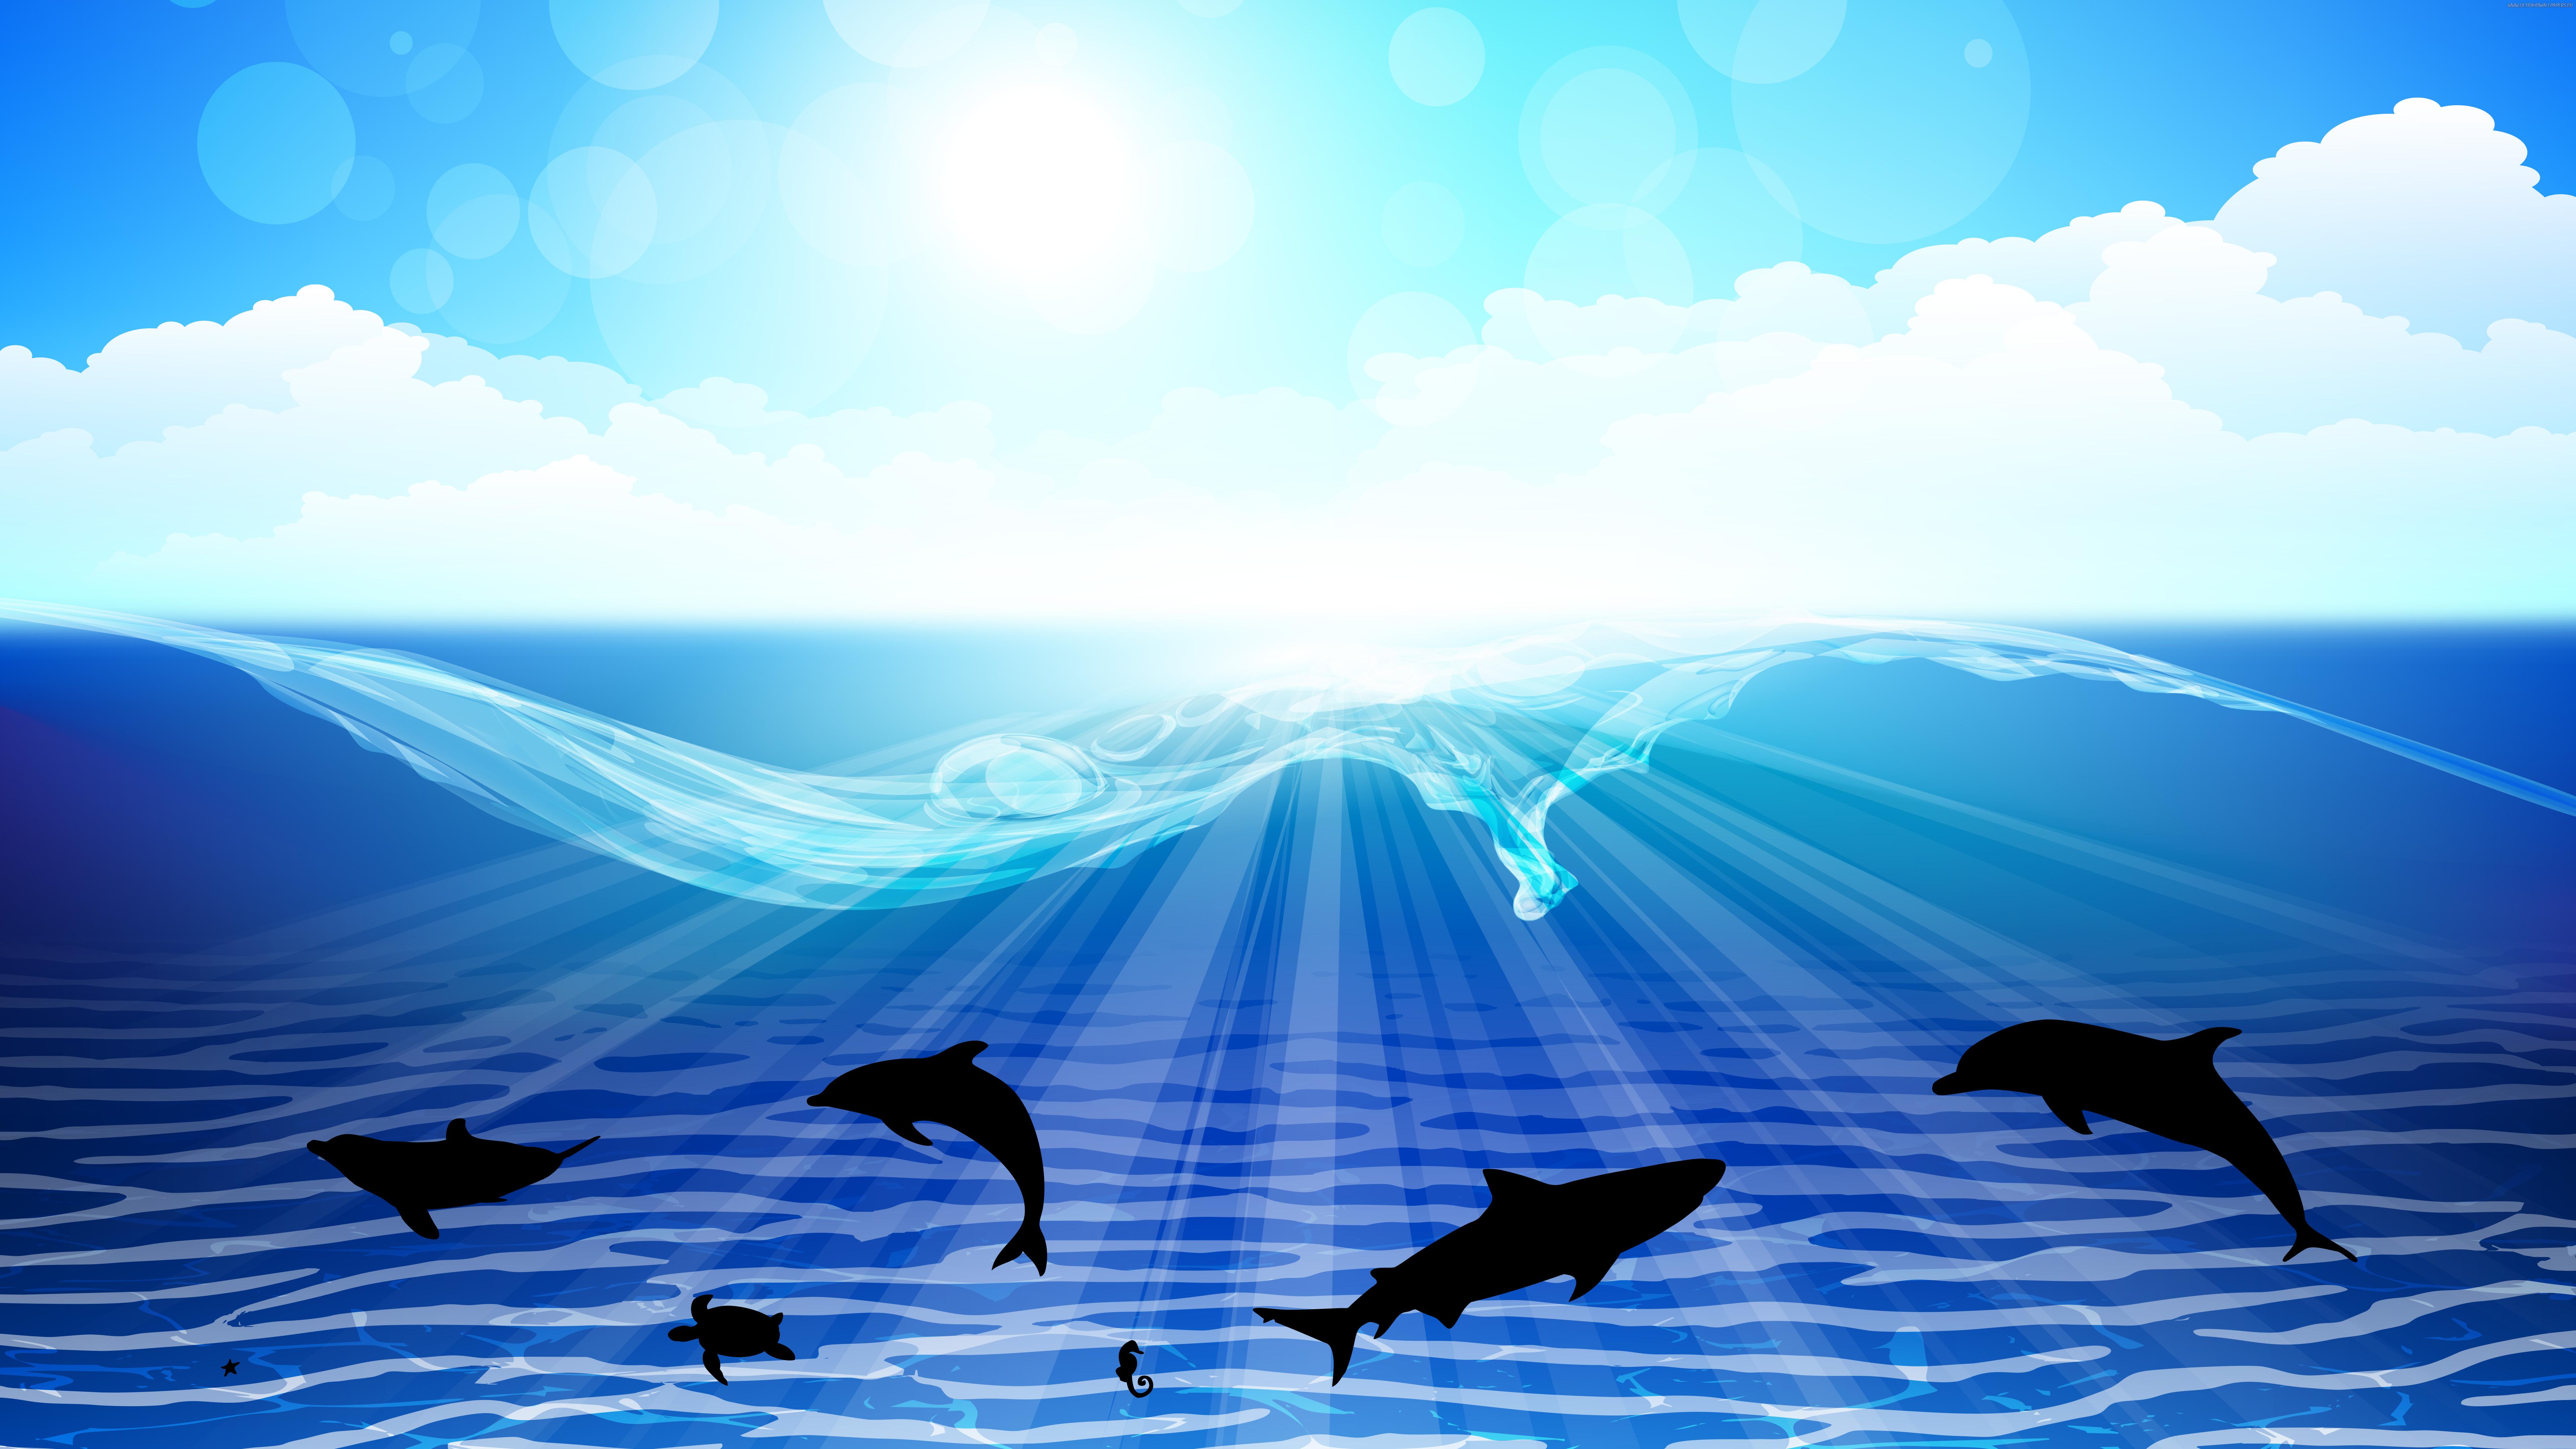 4k Ocean Wallpapers Wallpapersafari